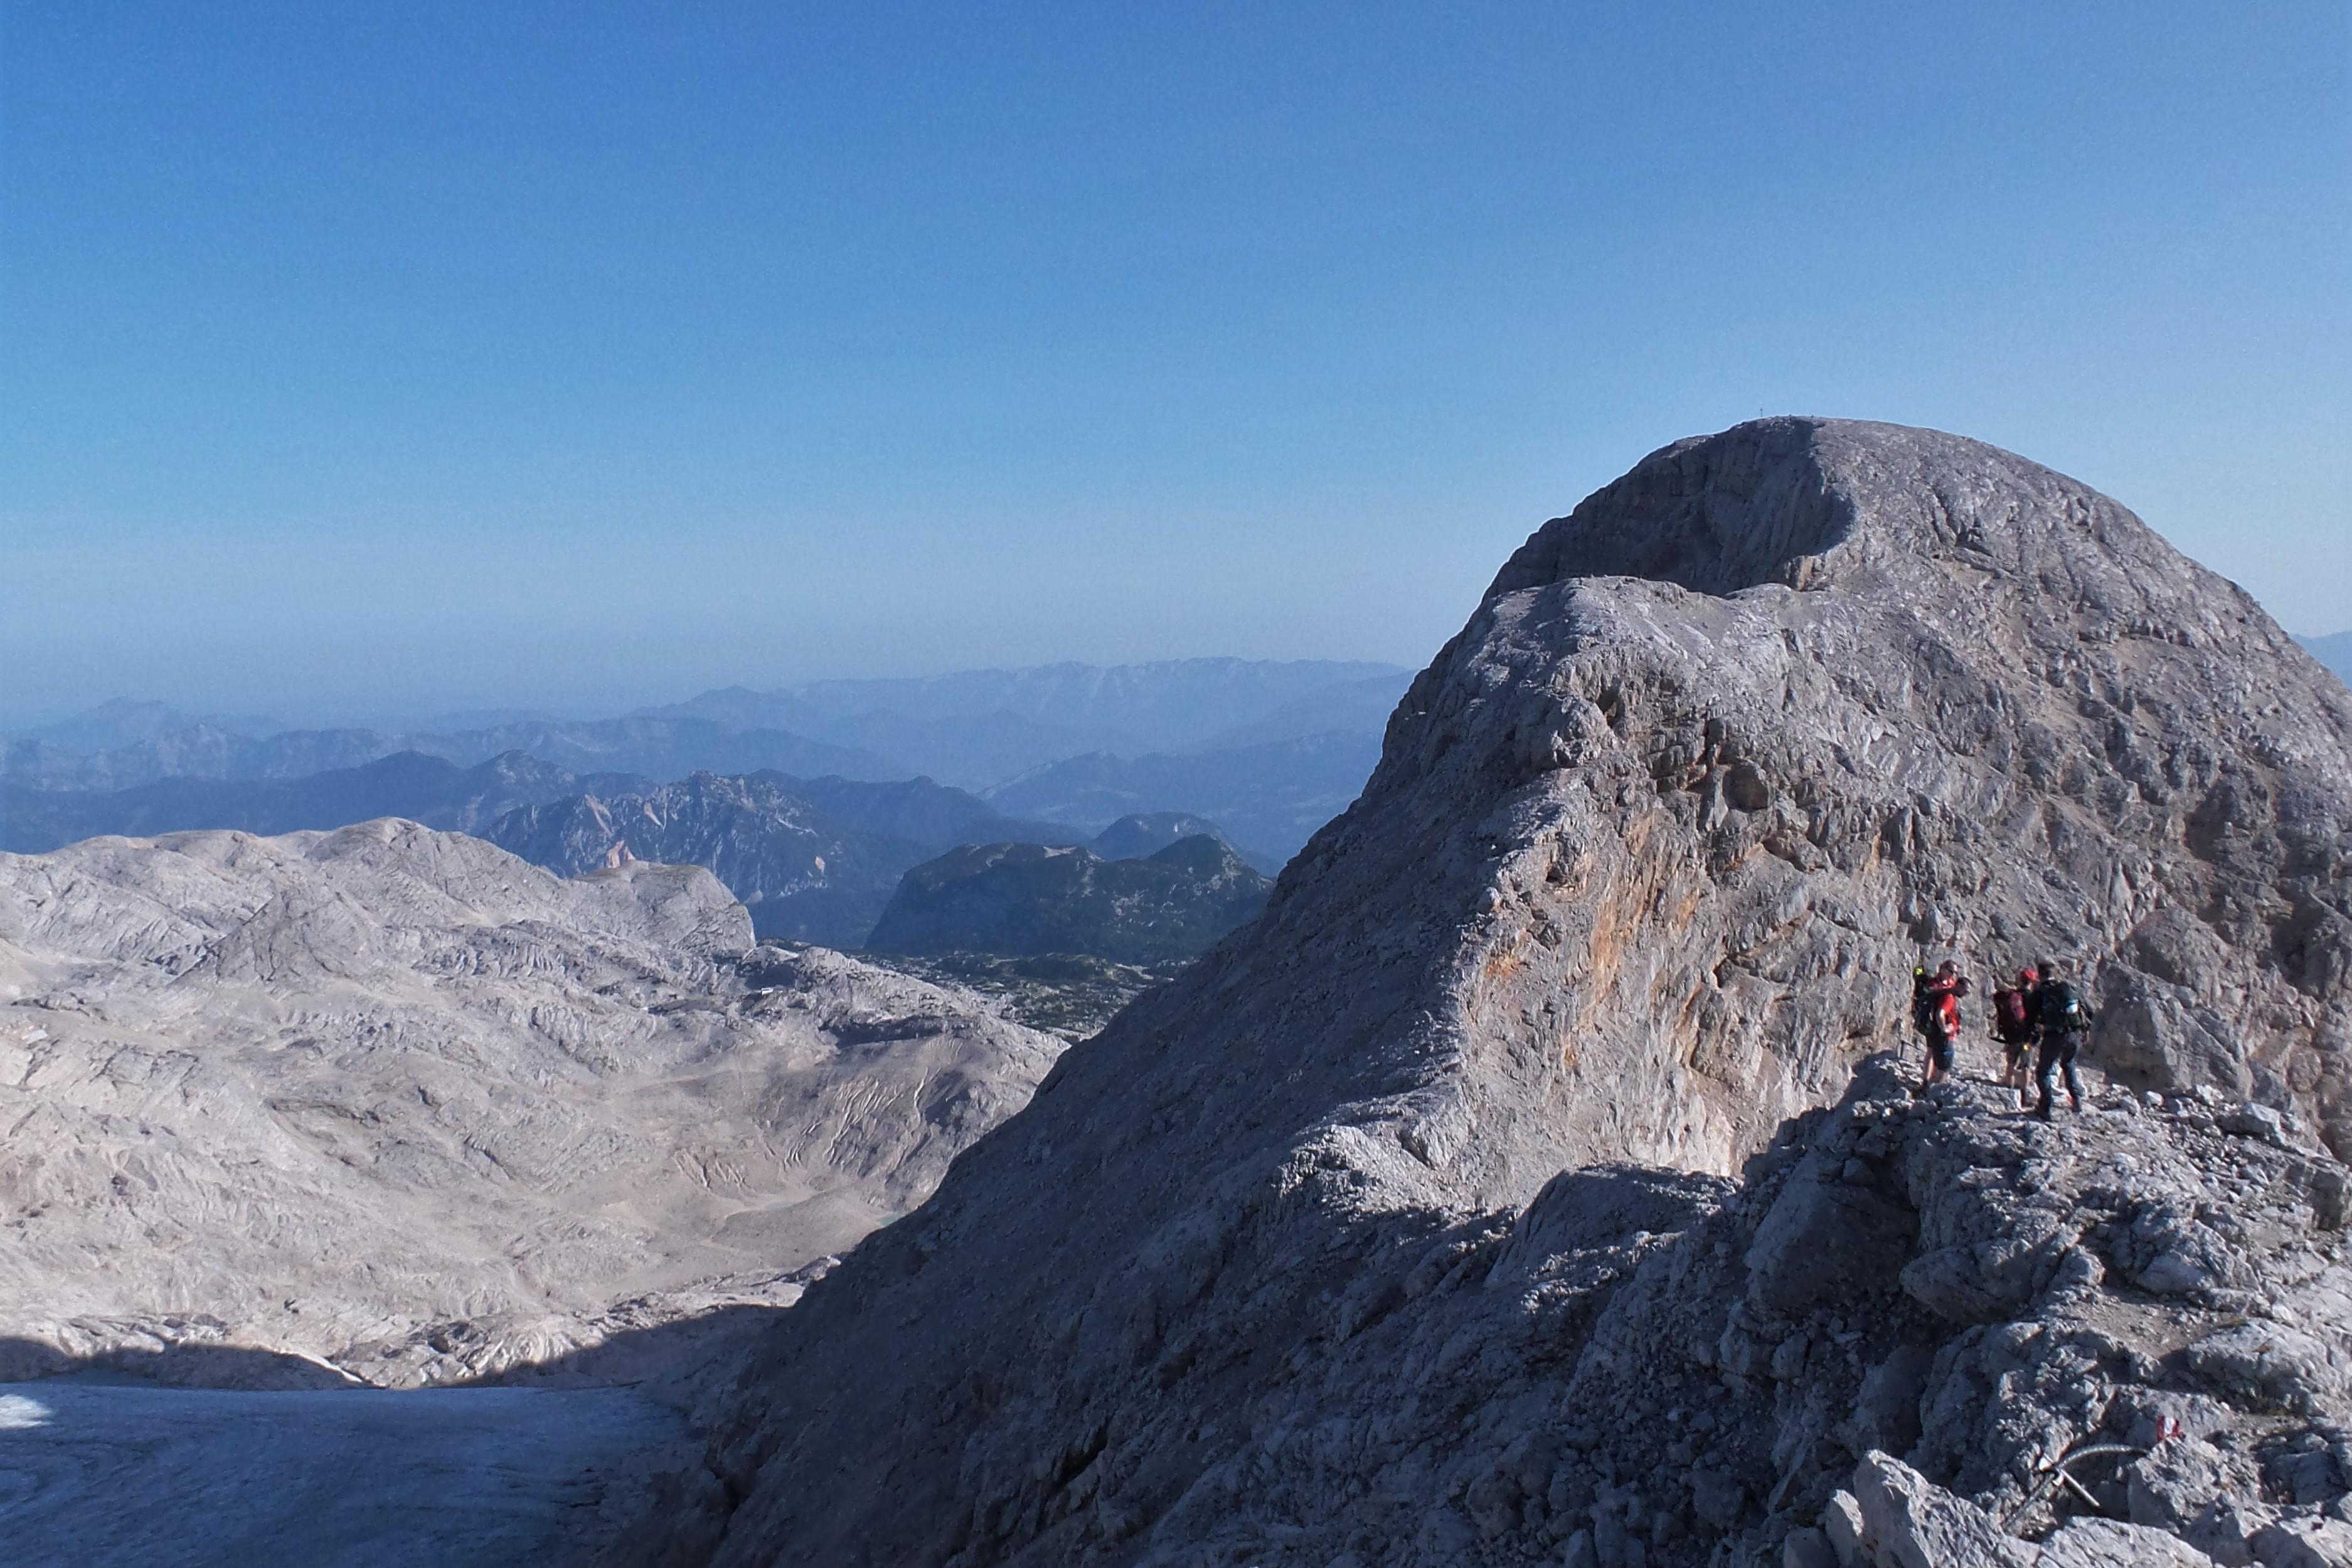 Wanderung auWanderung auf den kleinen Gjaidsteinf den kleinen Gjaidstein